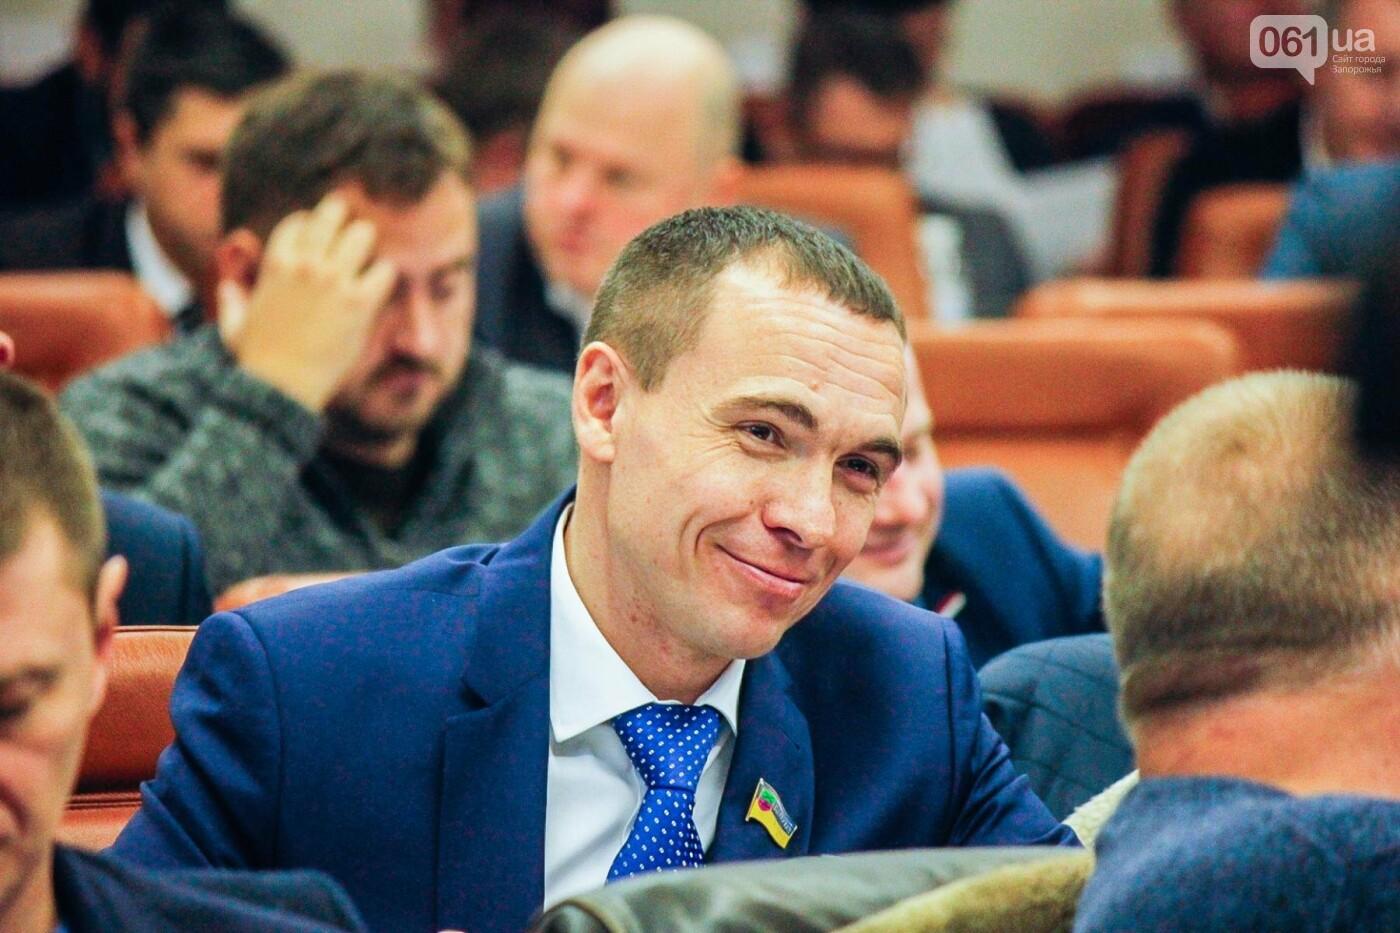 Сессия запорожского горсовета в лицах, - ФОТОРЕПОРТАЖ, фото-62